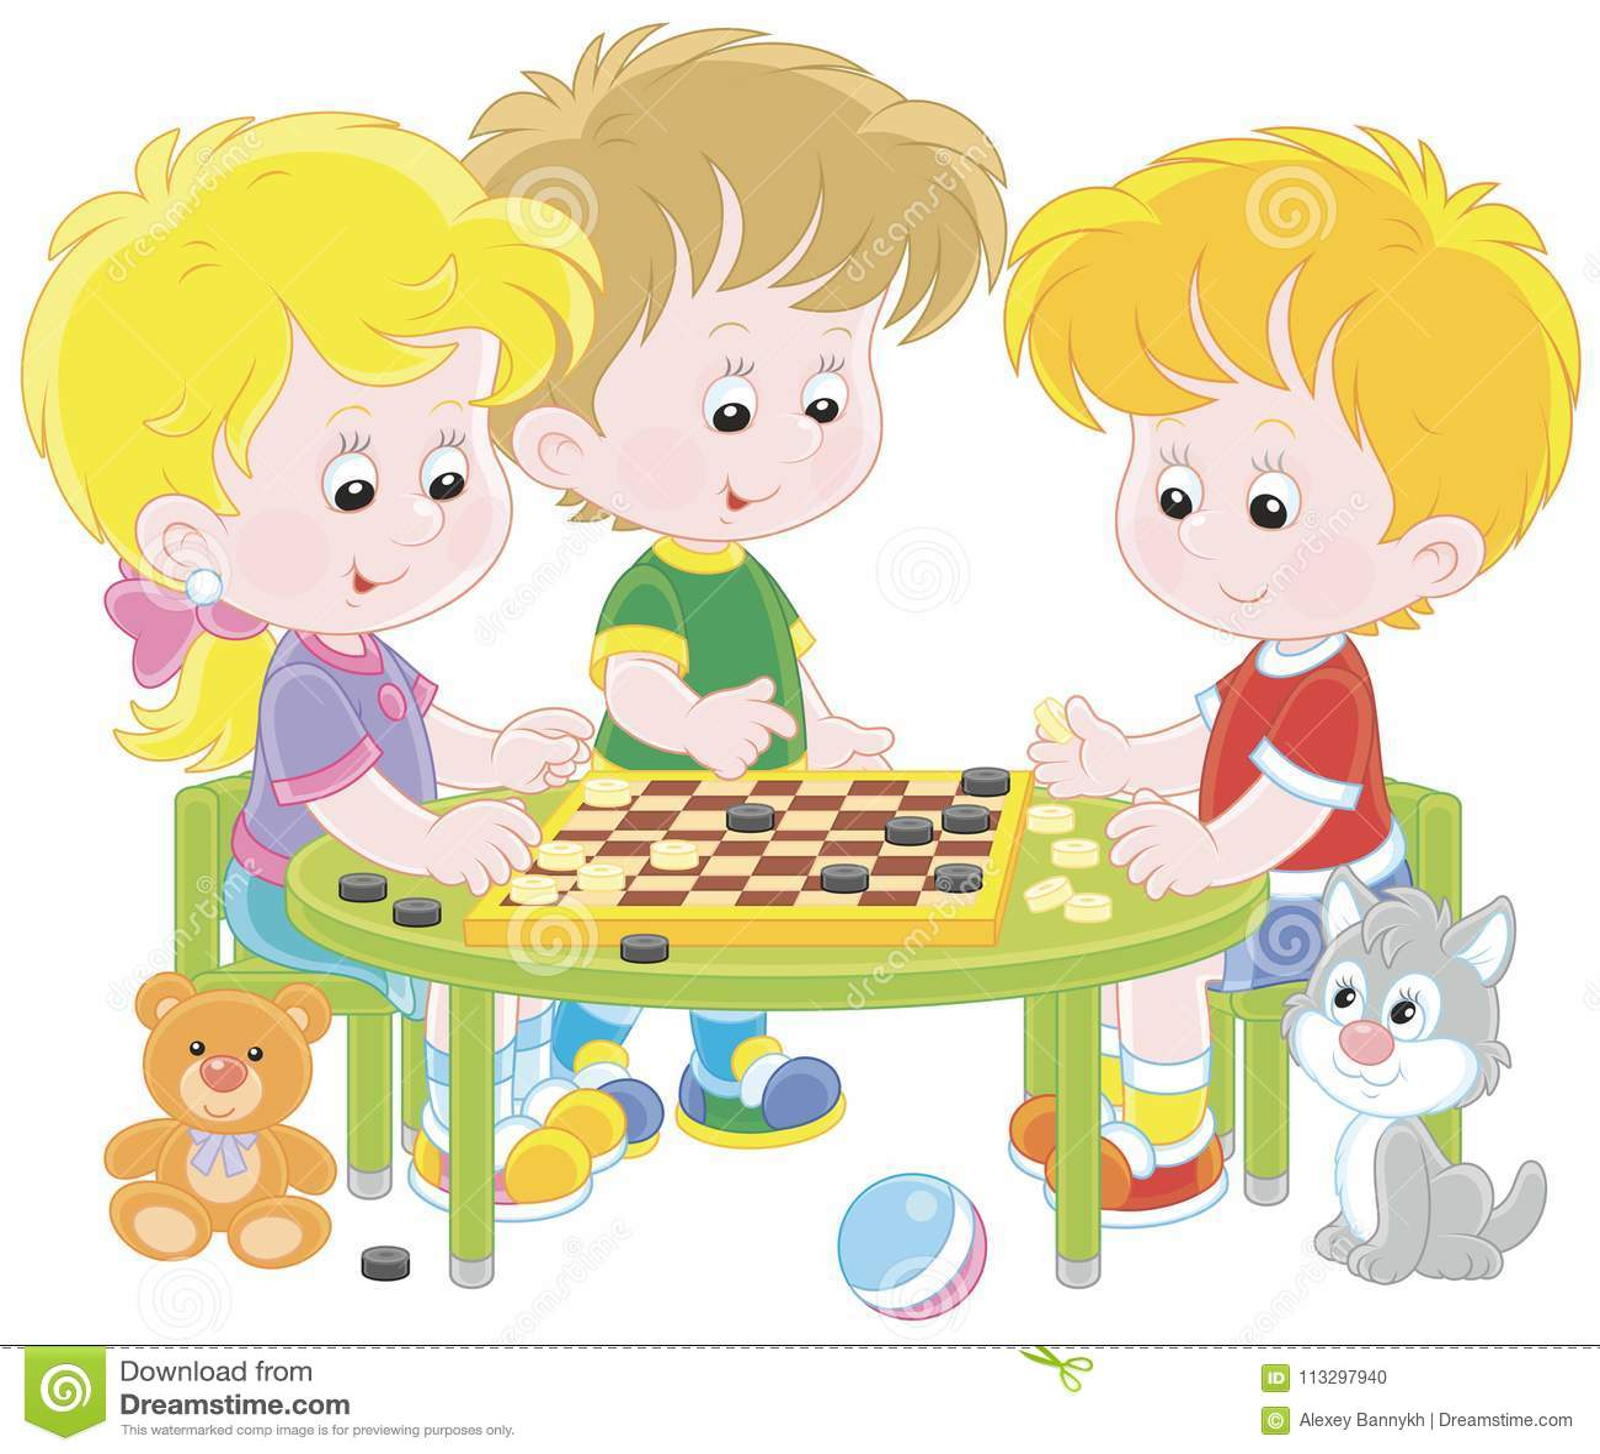 Kinderen die Controleurs spelen